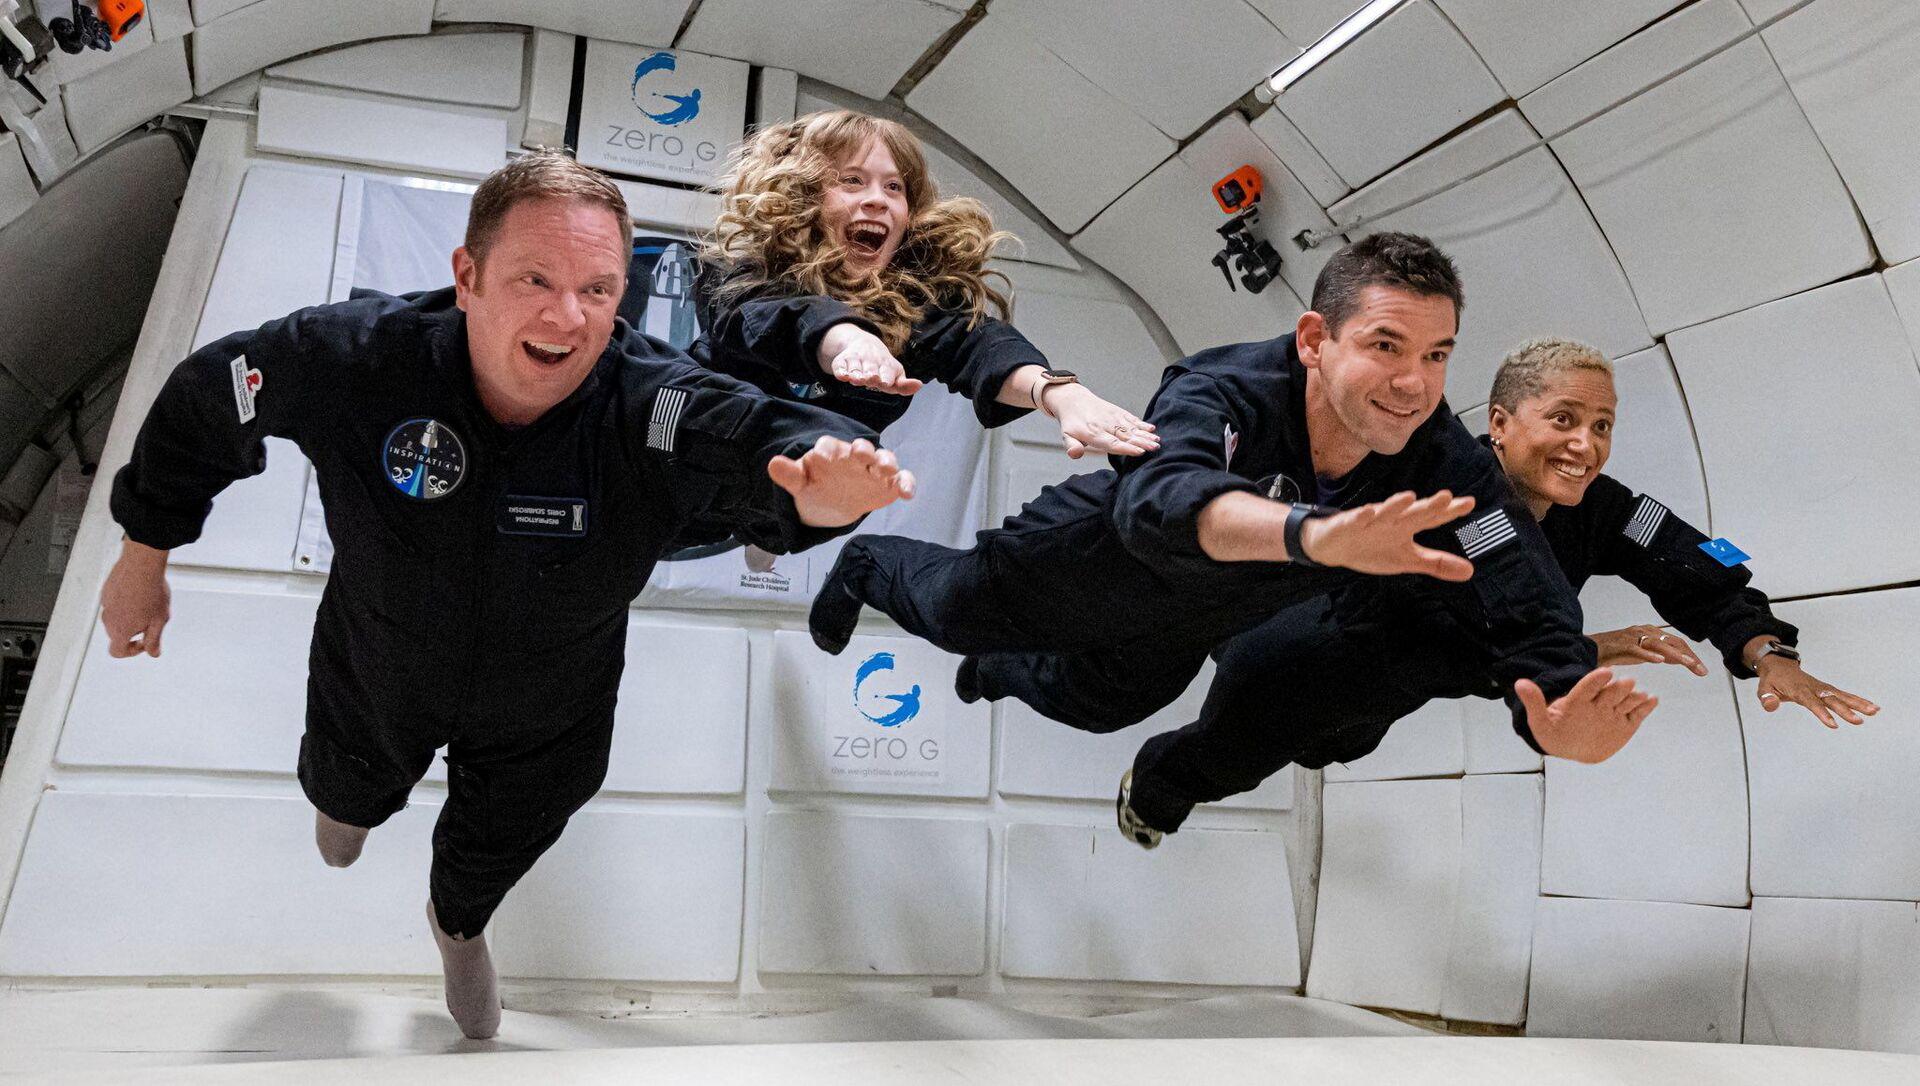 Phi hành đoàn Inspiration4  gồm Chris Sembroski, Sian Proctor, Jared Isaacman và Hayley Arceneaux trong tình trạng không trọng lực  - Sputnik Việt Nam, 1920, 19.09.2021